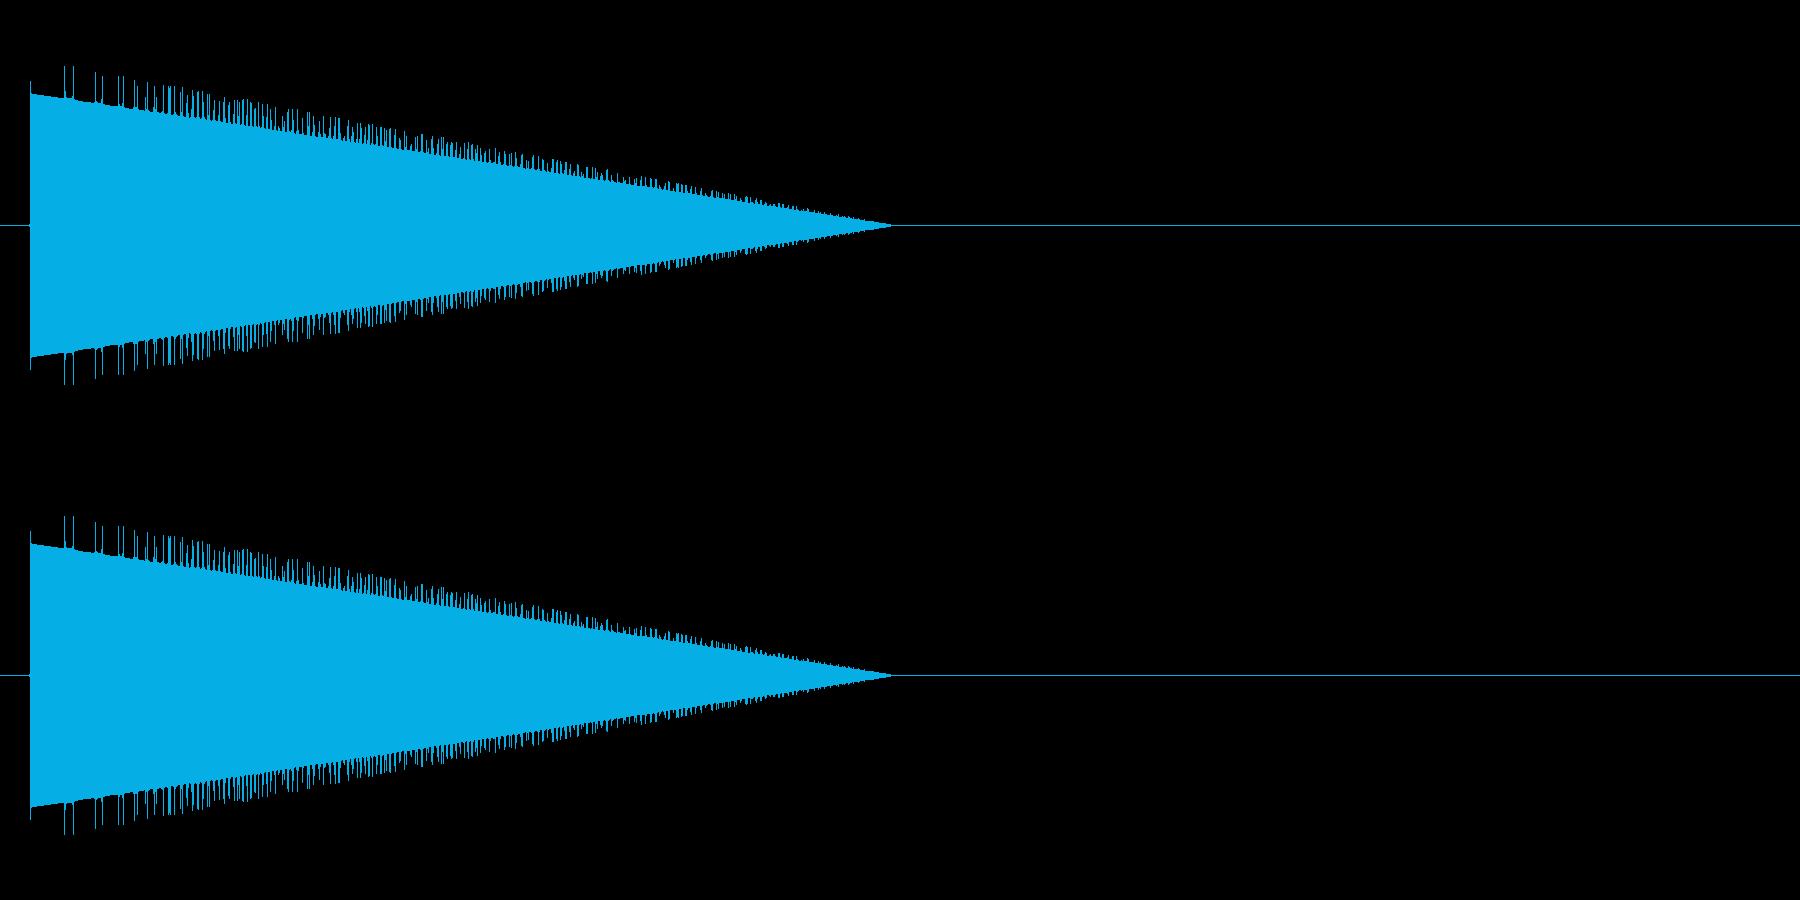 レトロゲーム風・モンスターの鳴き声#2の再生済みの波形